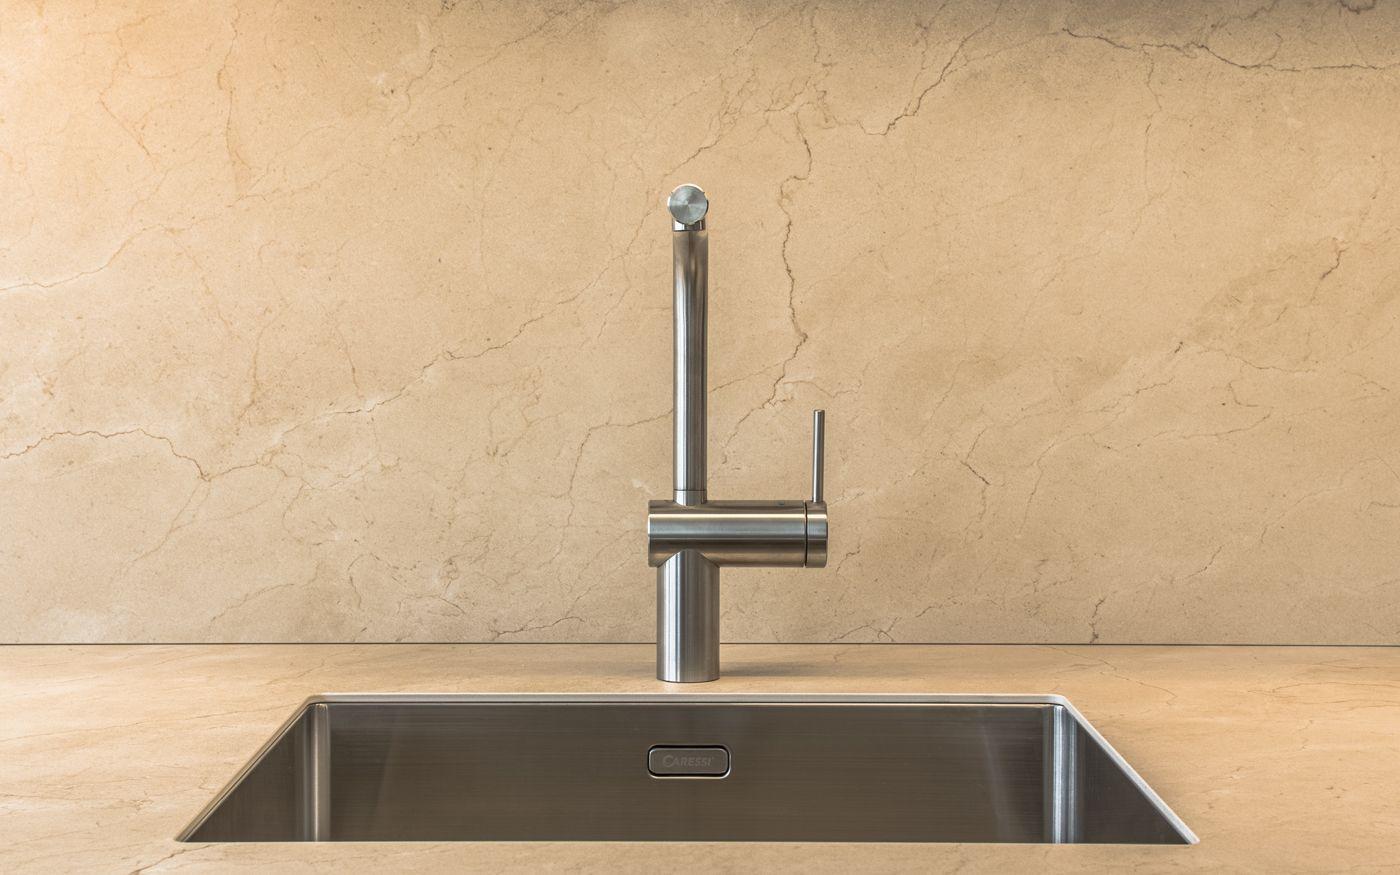 Outdoor Küche Edelstahl Gebraucht : Edelstahl arbeitsplatte küche gebraucht nirosta kuche nirosta